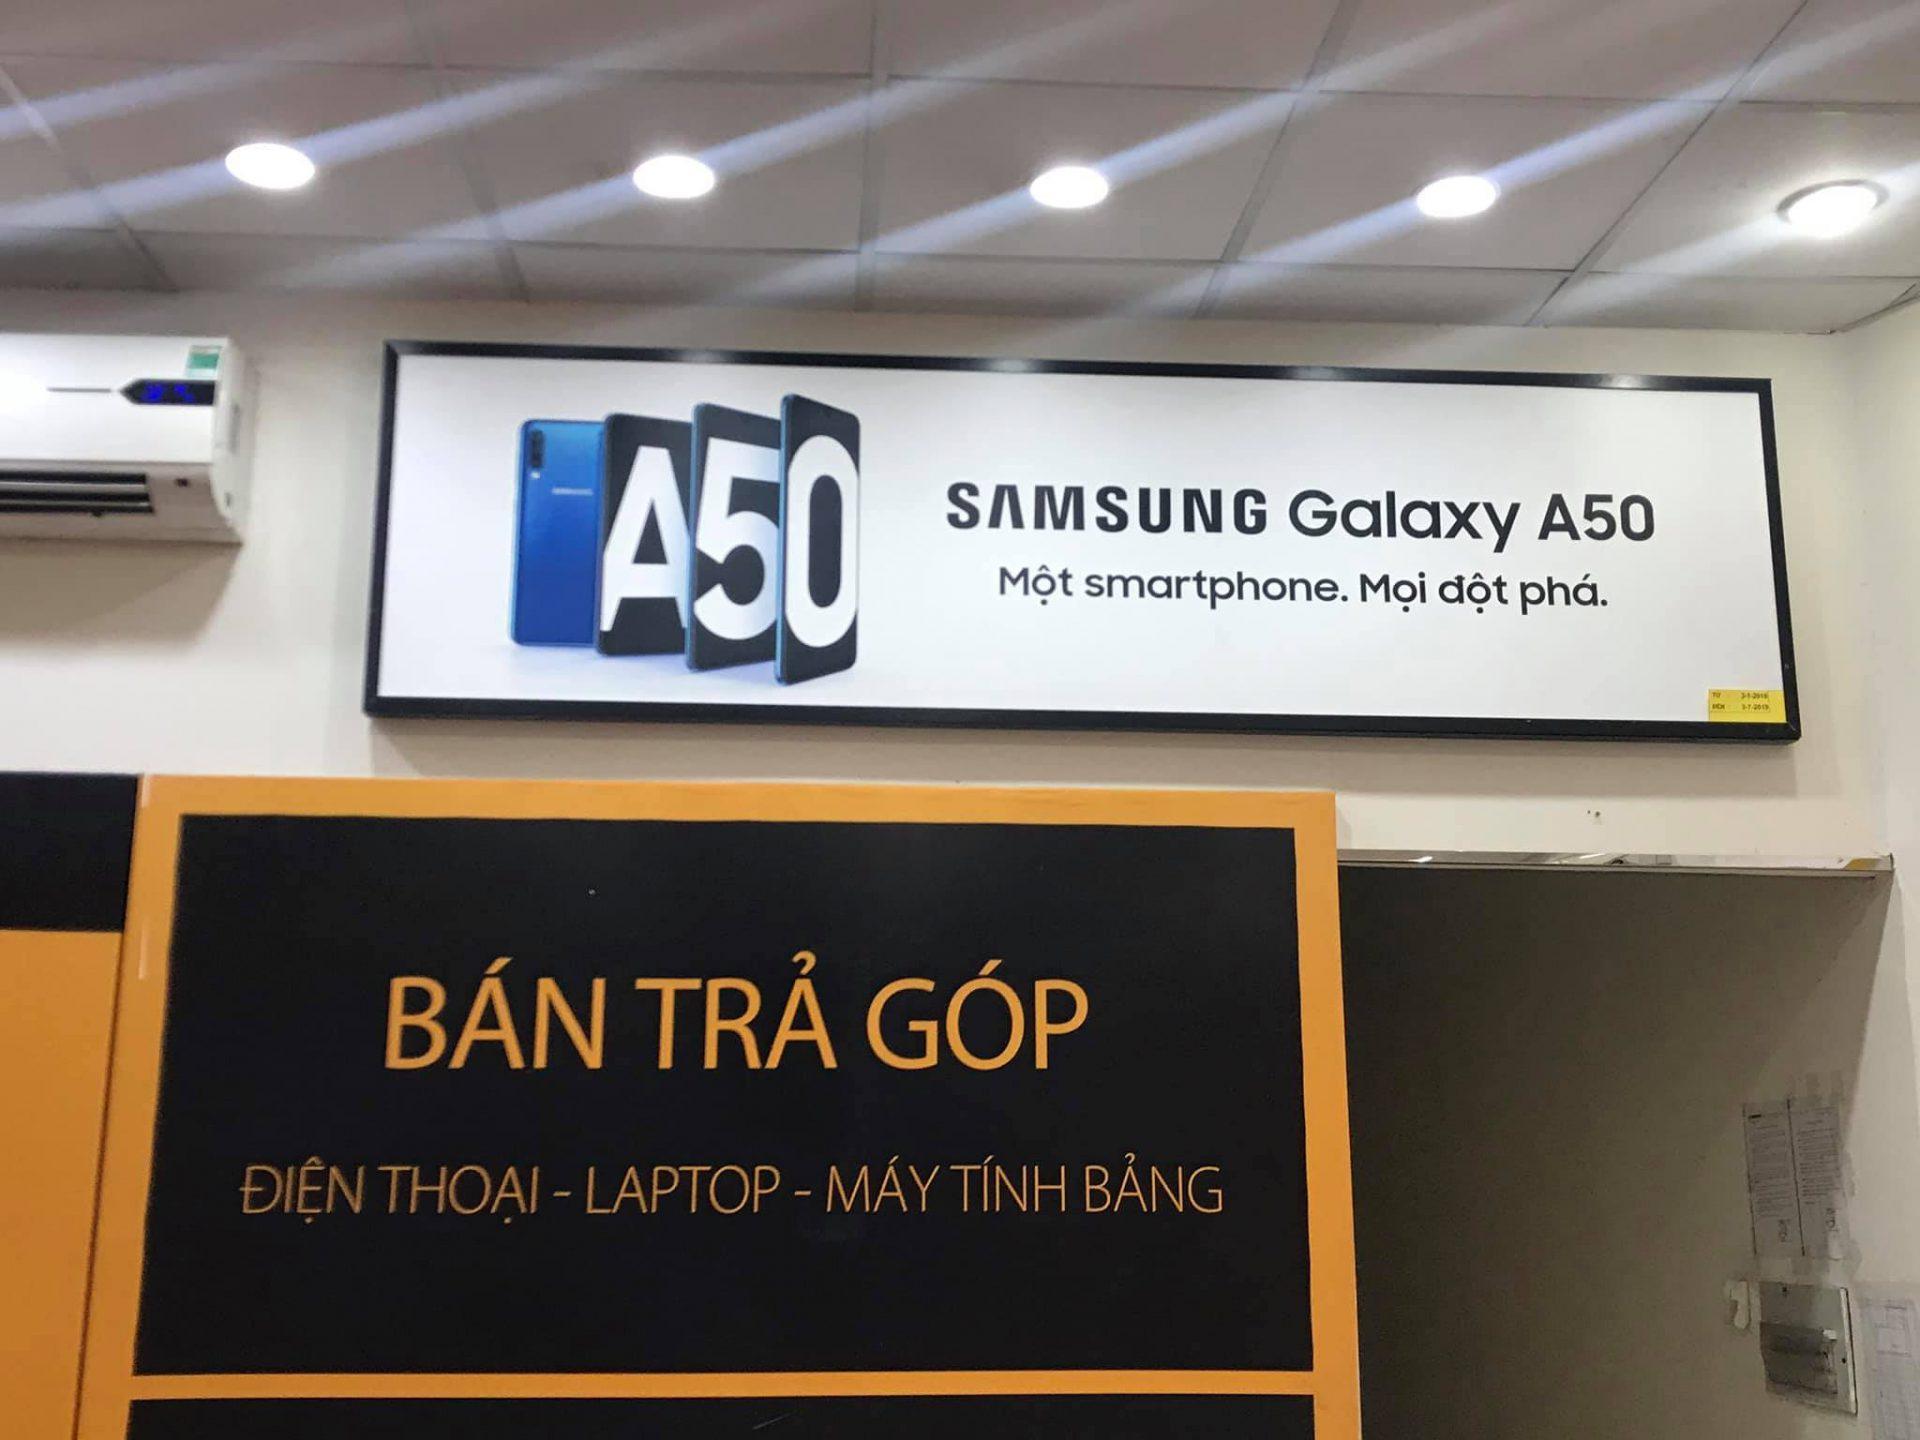 Xuất hiện banner tại Thế giới di động, Galaxy A50 chuẩn bị ra mắt tại Việt Nam?